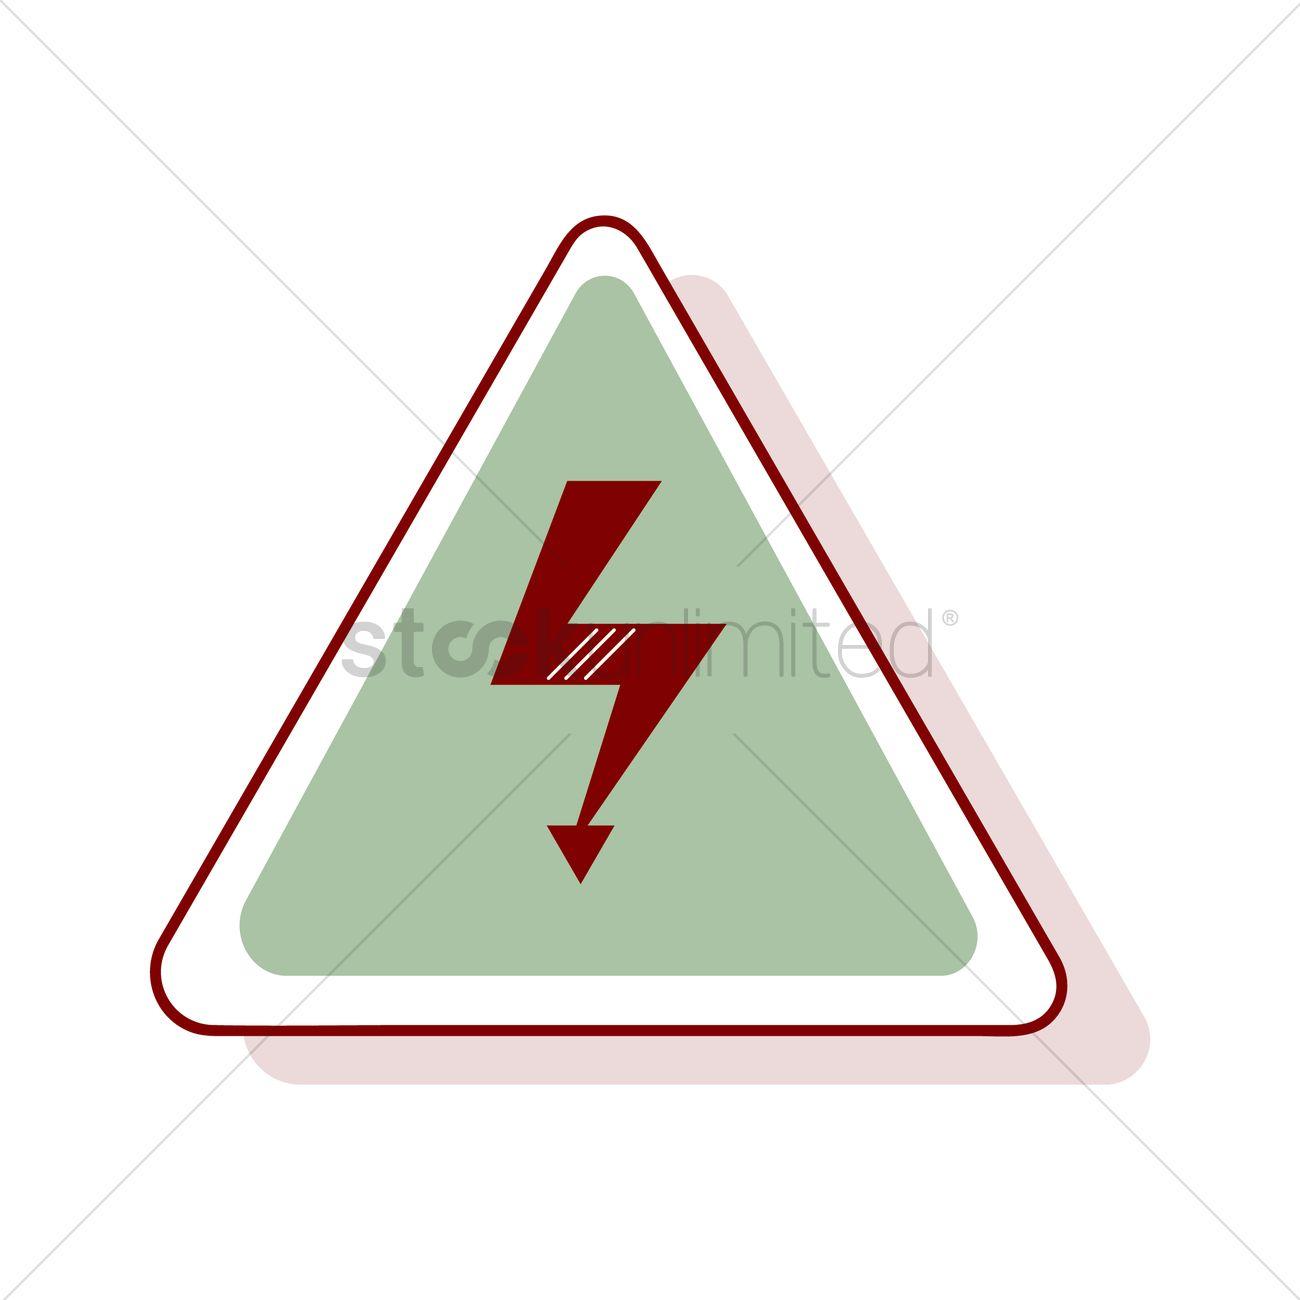 High voltage symbol vector image 1355189 stockunlimited high voltage symbol vector graphic buycottarizona